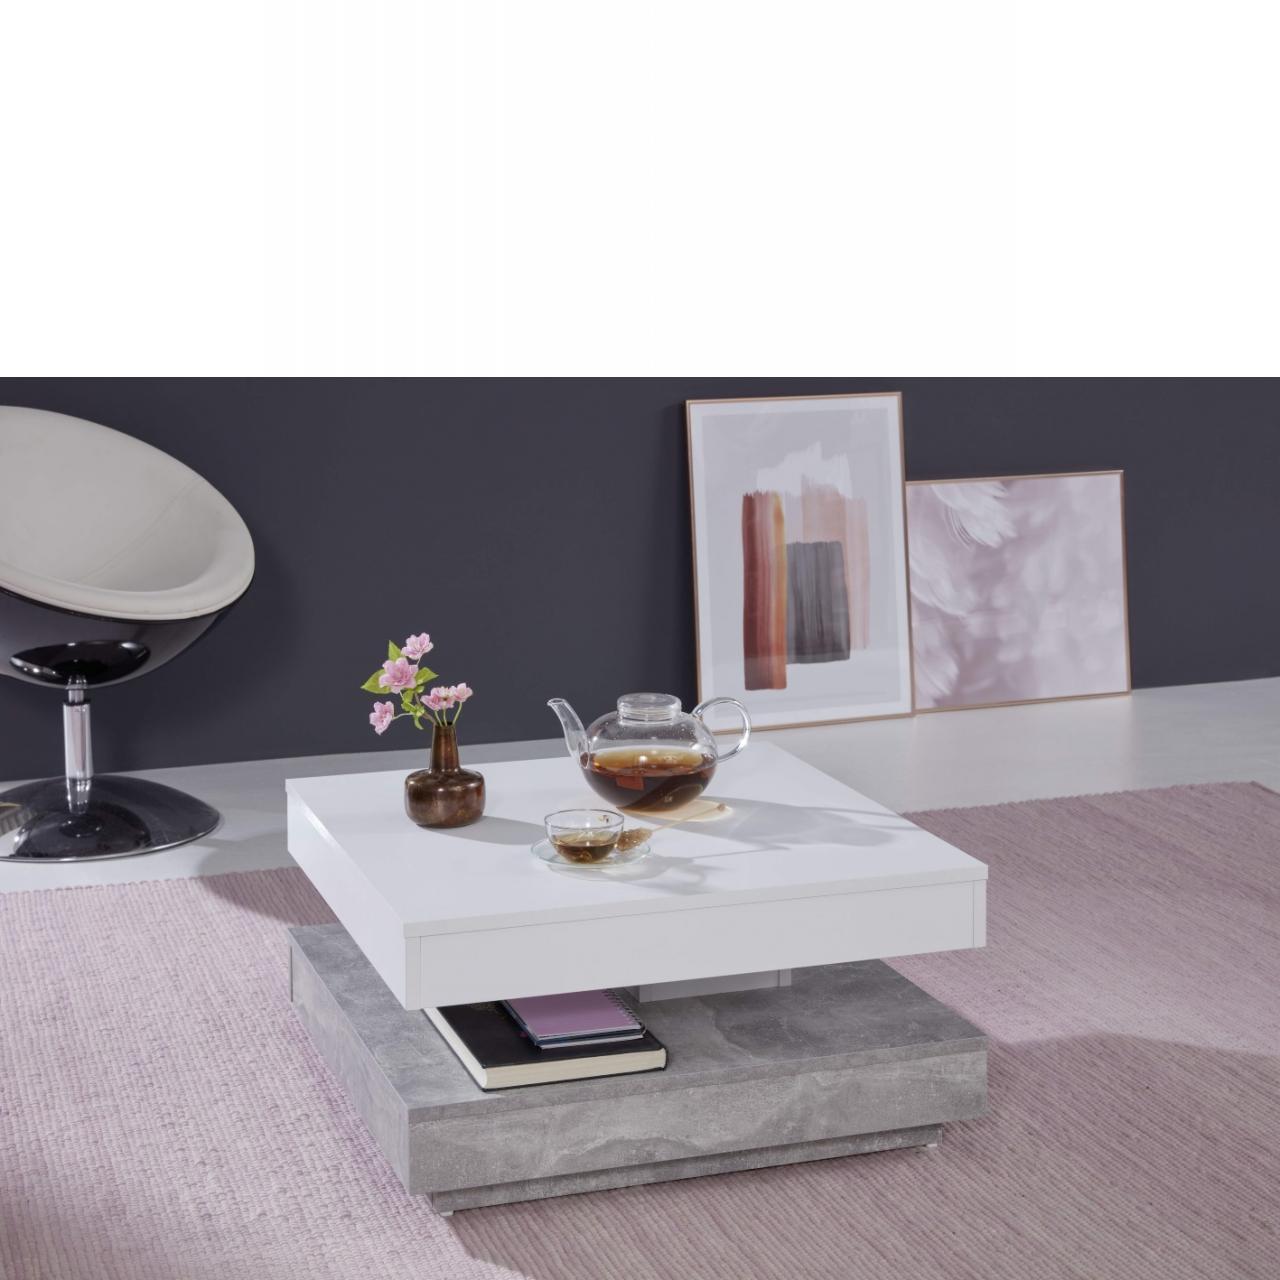 Couchtisch 1100.119.35 Beton Weiß Stubentisch Wohnzimmertisch Beistelltisch